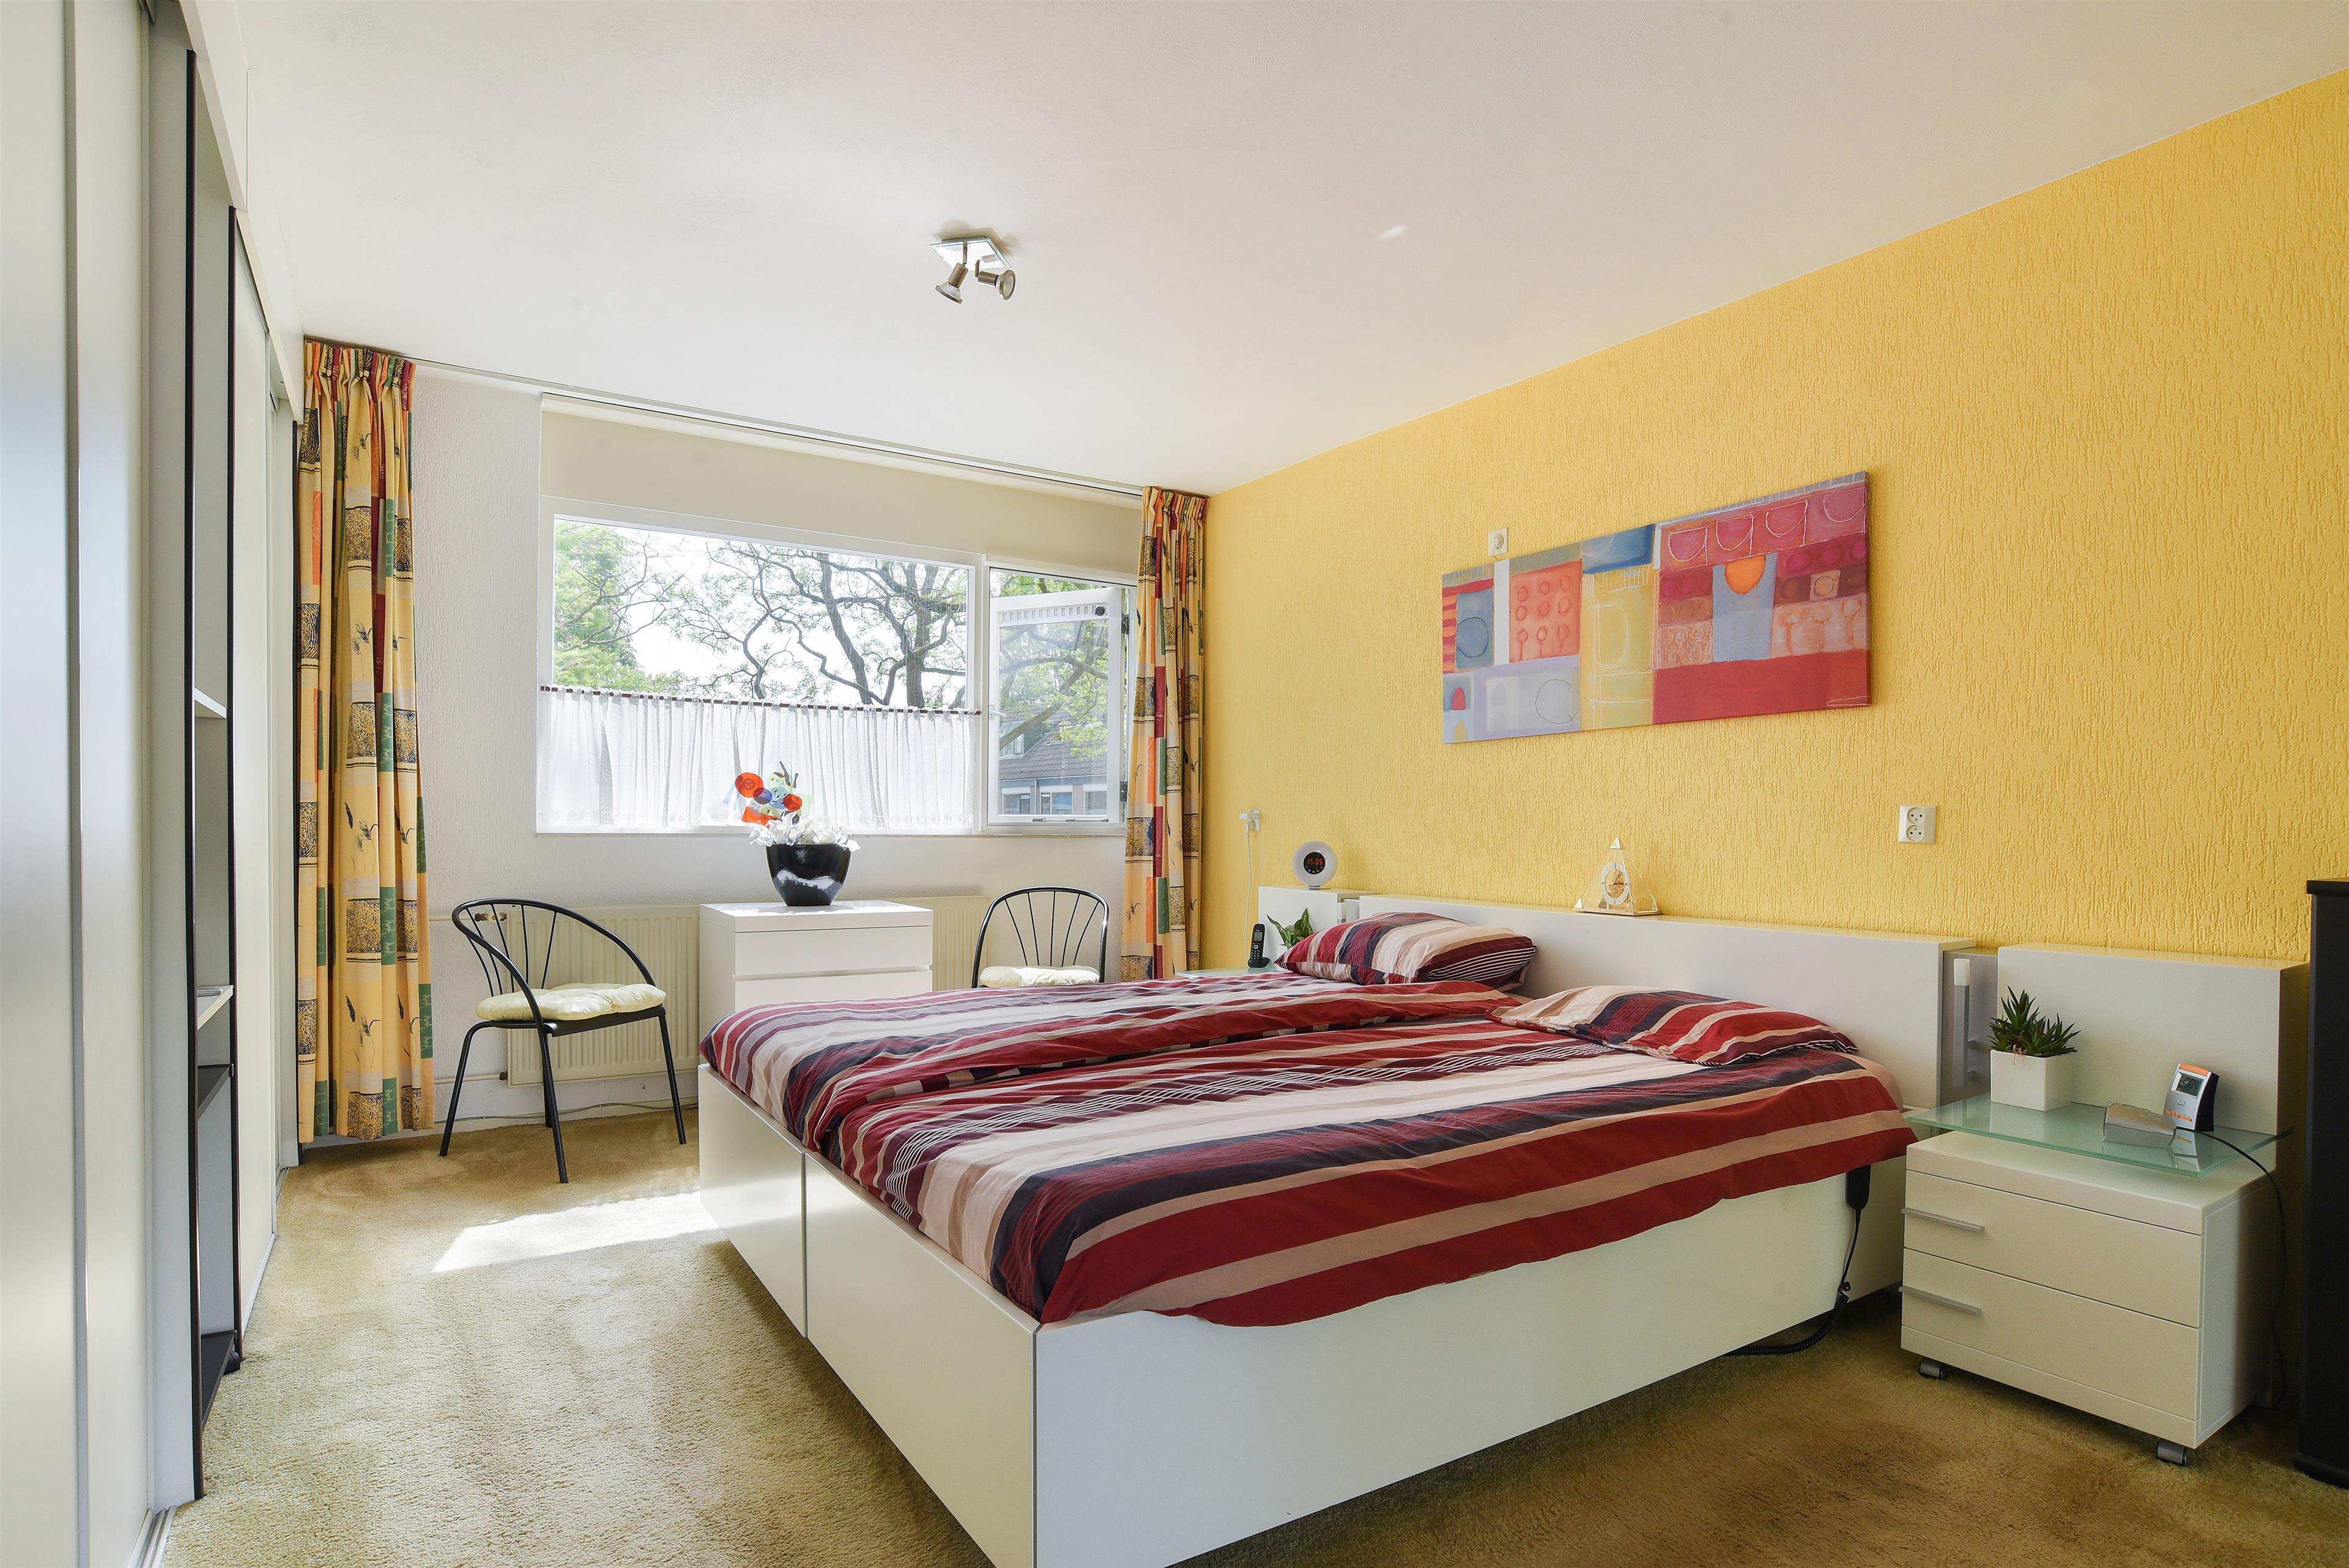 Zonwering Slaapkamer 15 : Zonwering slaapkamer bol zonwerende folie voor slaapkamer